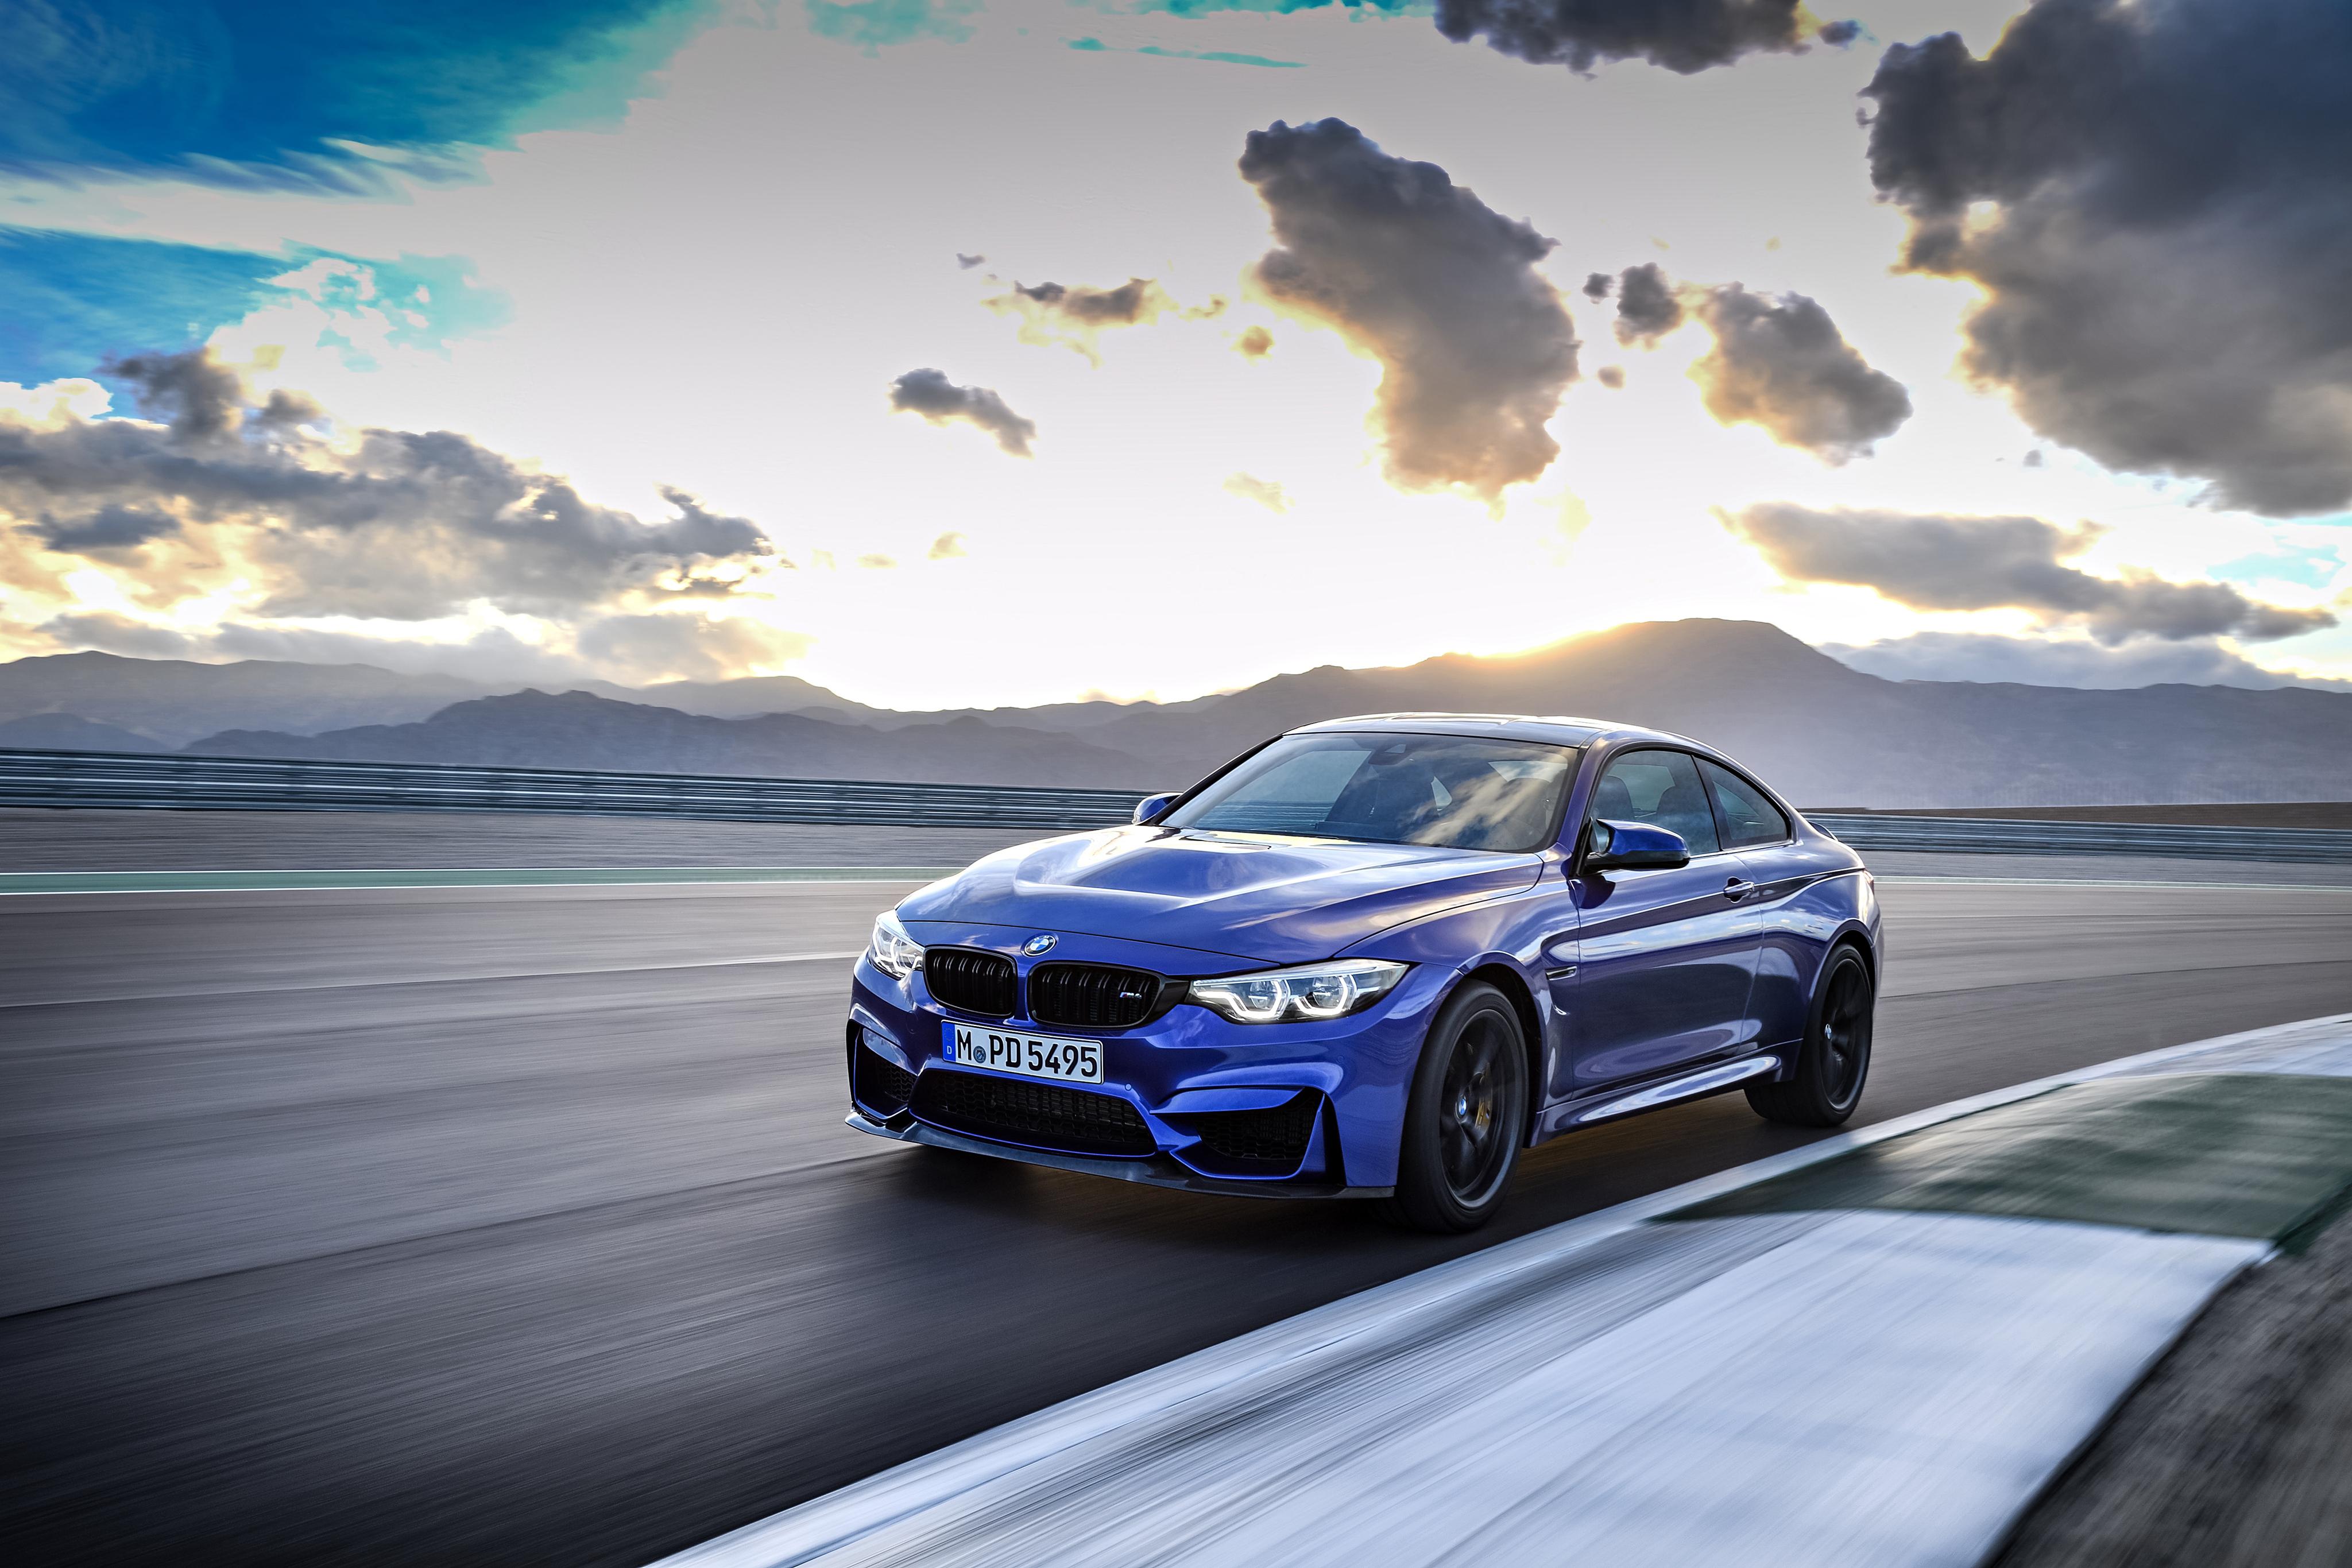 Картинки БМВ 2017 M4 CS Worldwide синие едущий Металлик Автомобили BMW синих Синий синяя едет едущая скорость Движение авто машина машины автомобиль